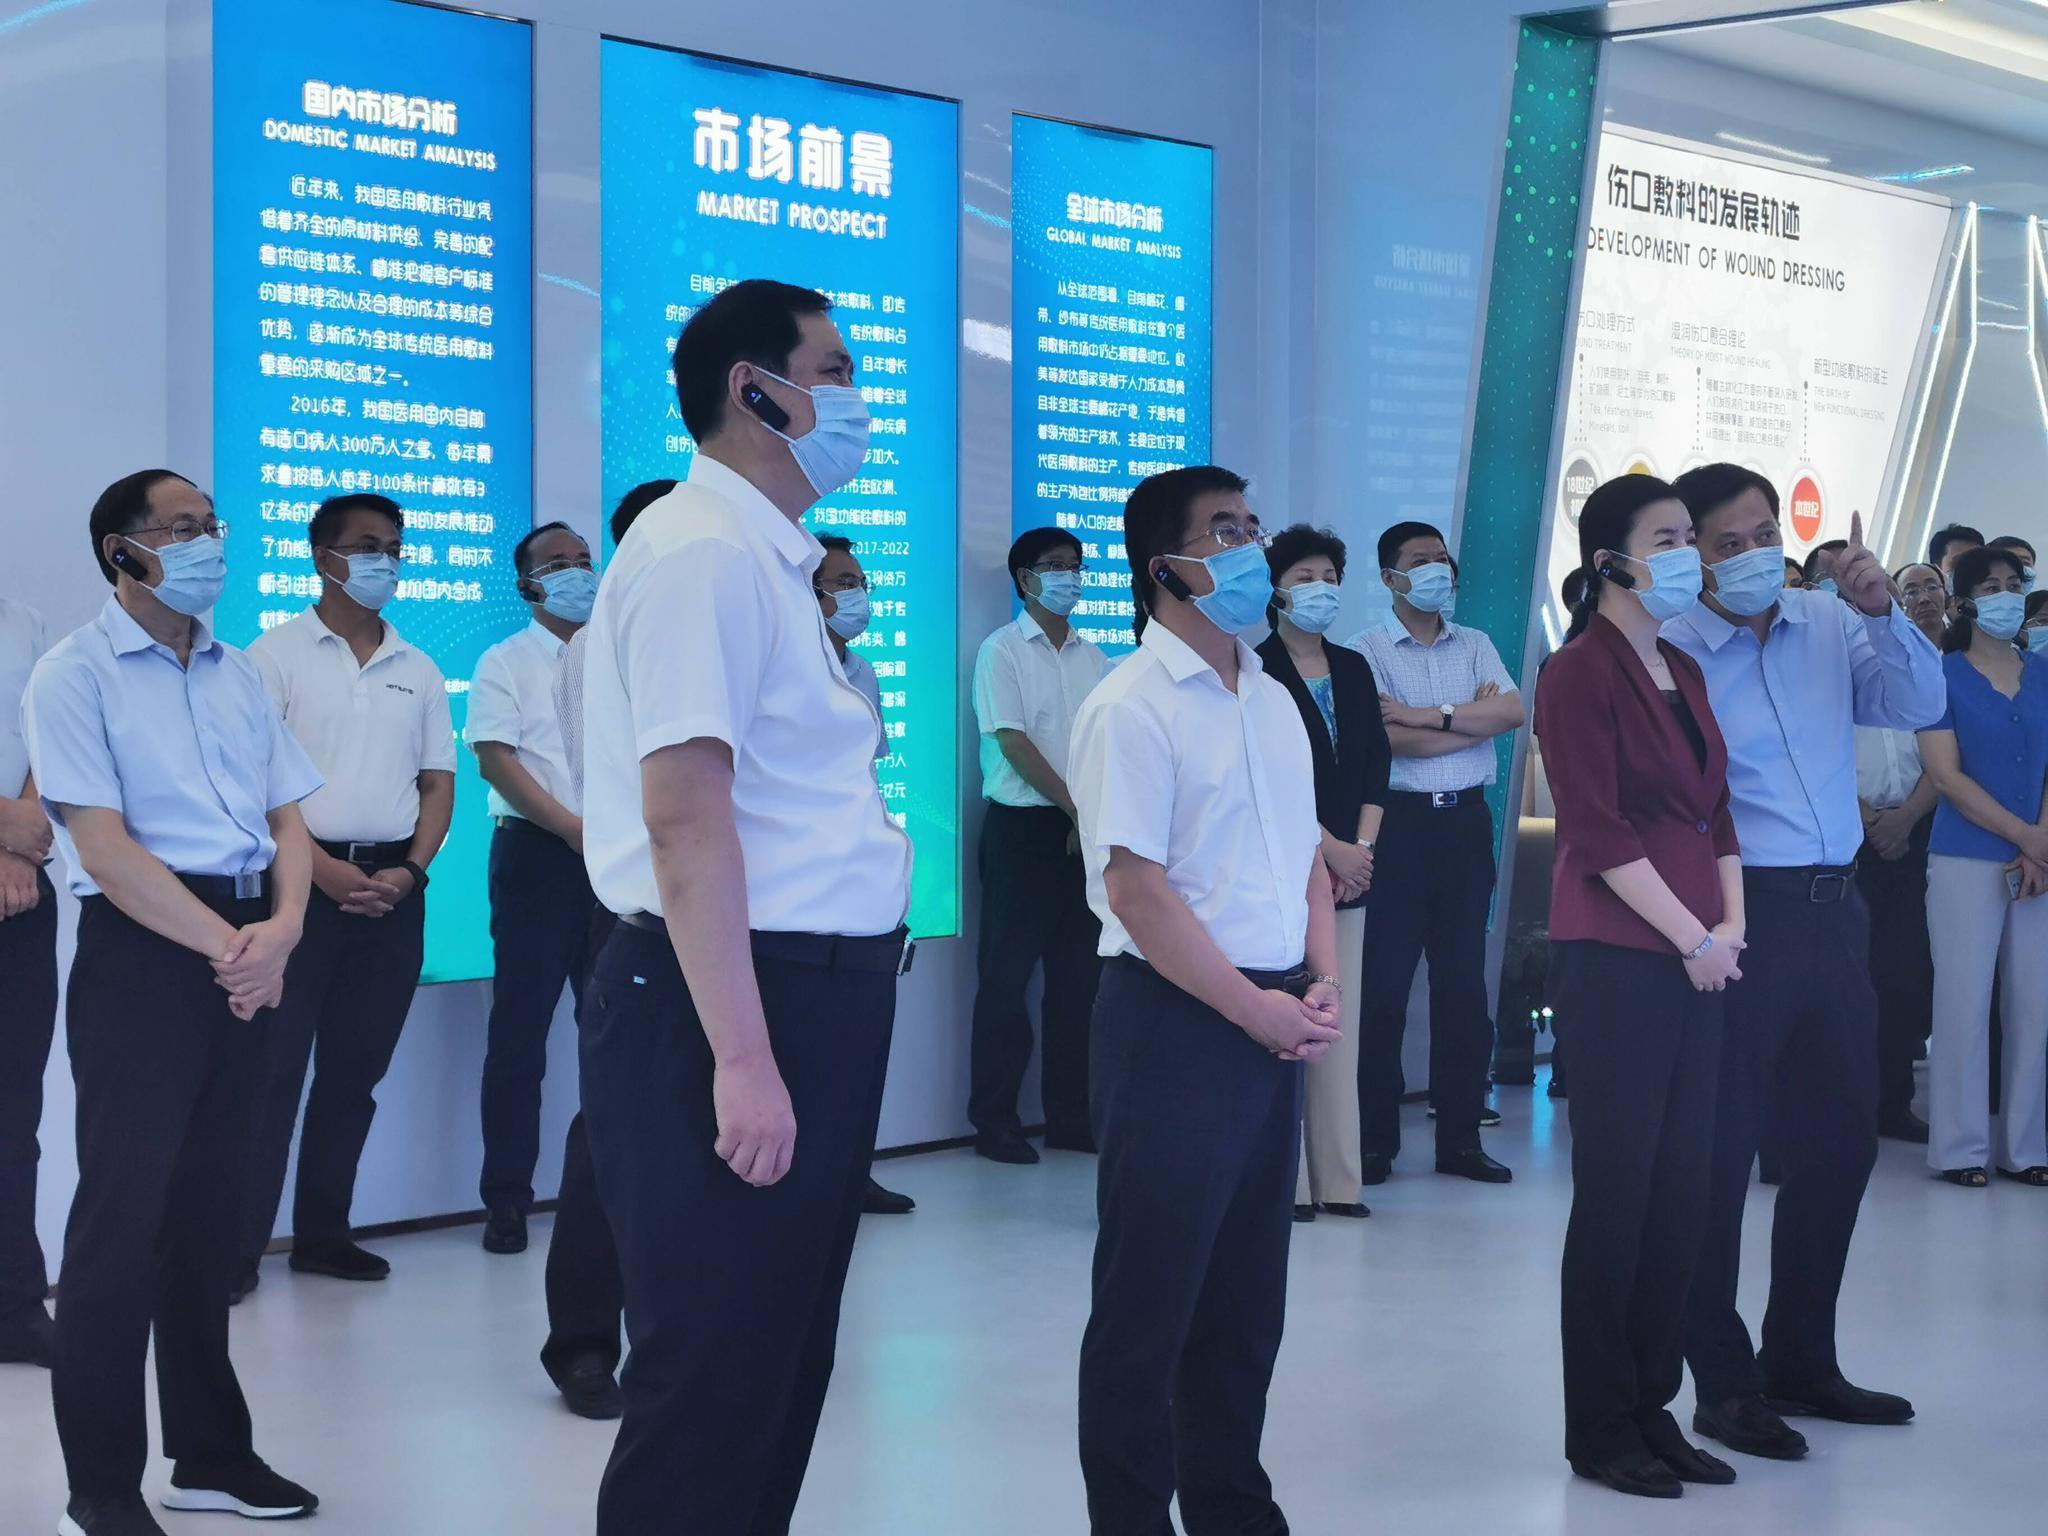 枣庄2020项目观摩会【七】|年销售收入1.6亿,税收约1600万!枣庄市中新型功能性敷料项目预计年底可投产